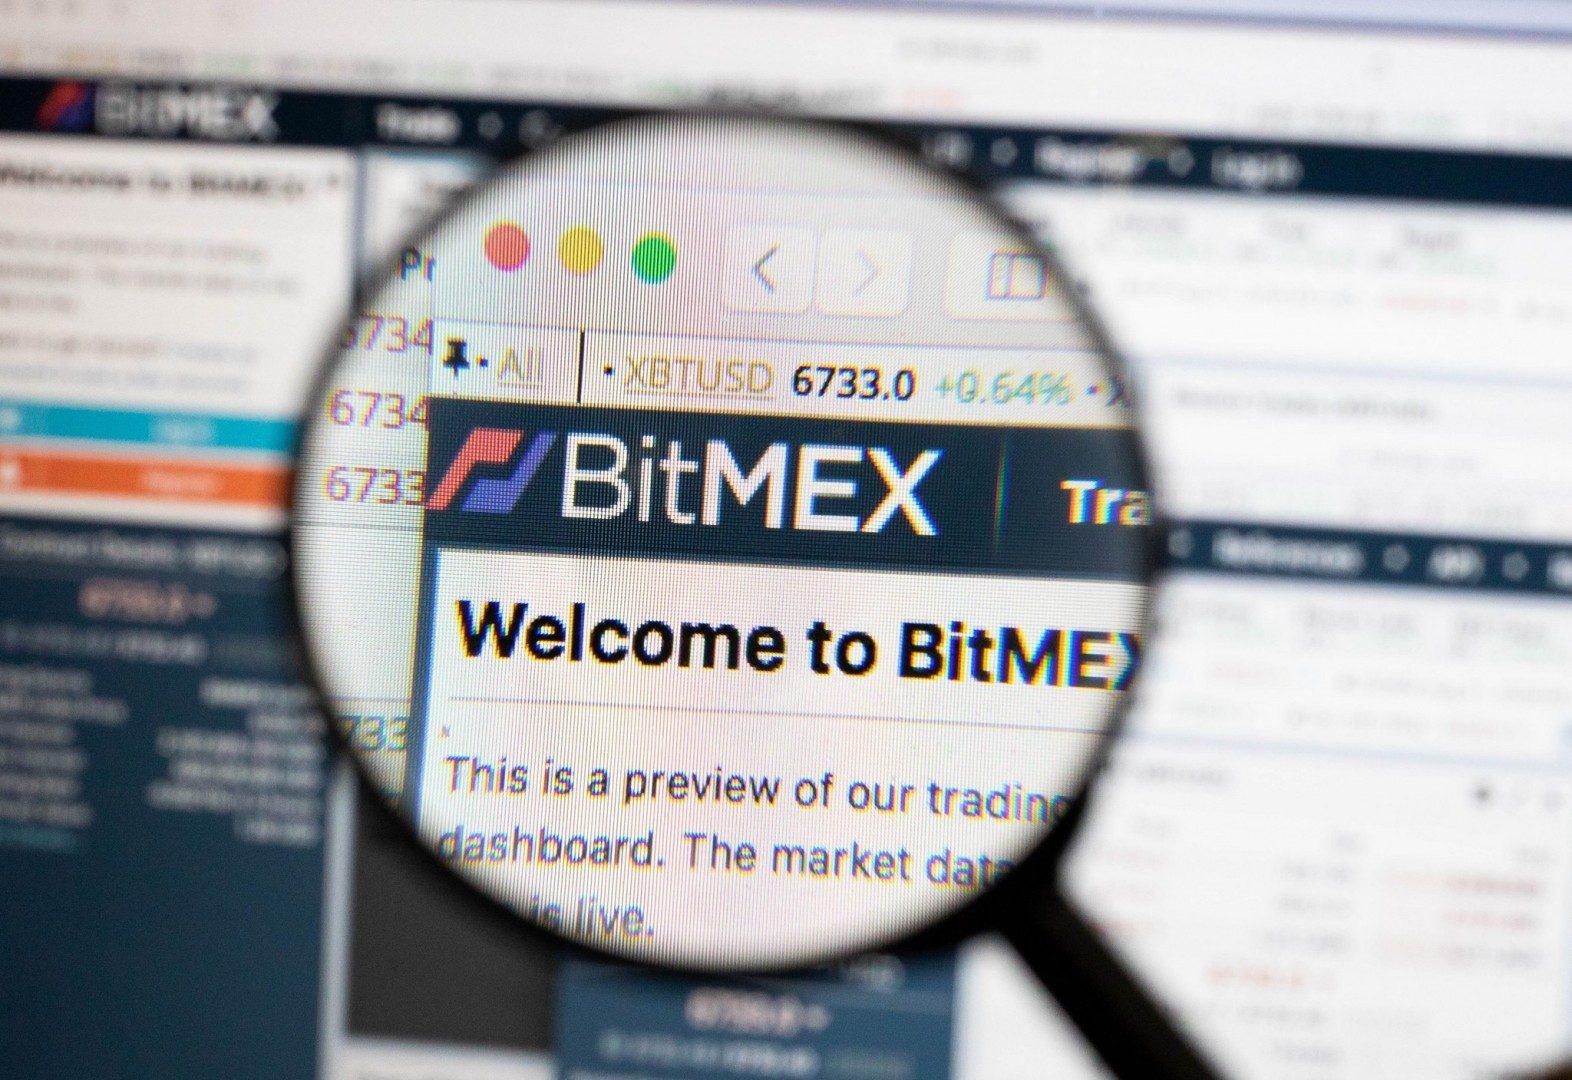 giá bitcoin: Open Interest trên BitMEX đã giảm dưới 1 tỷ USD, dấu hiệu hồi phục của Bitcoin là đây?